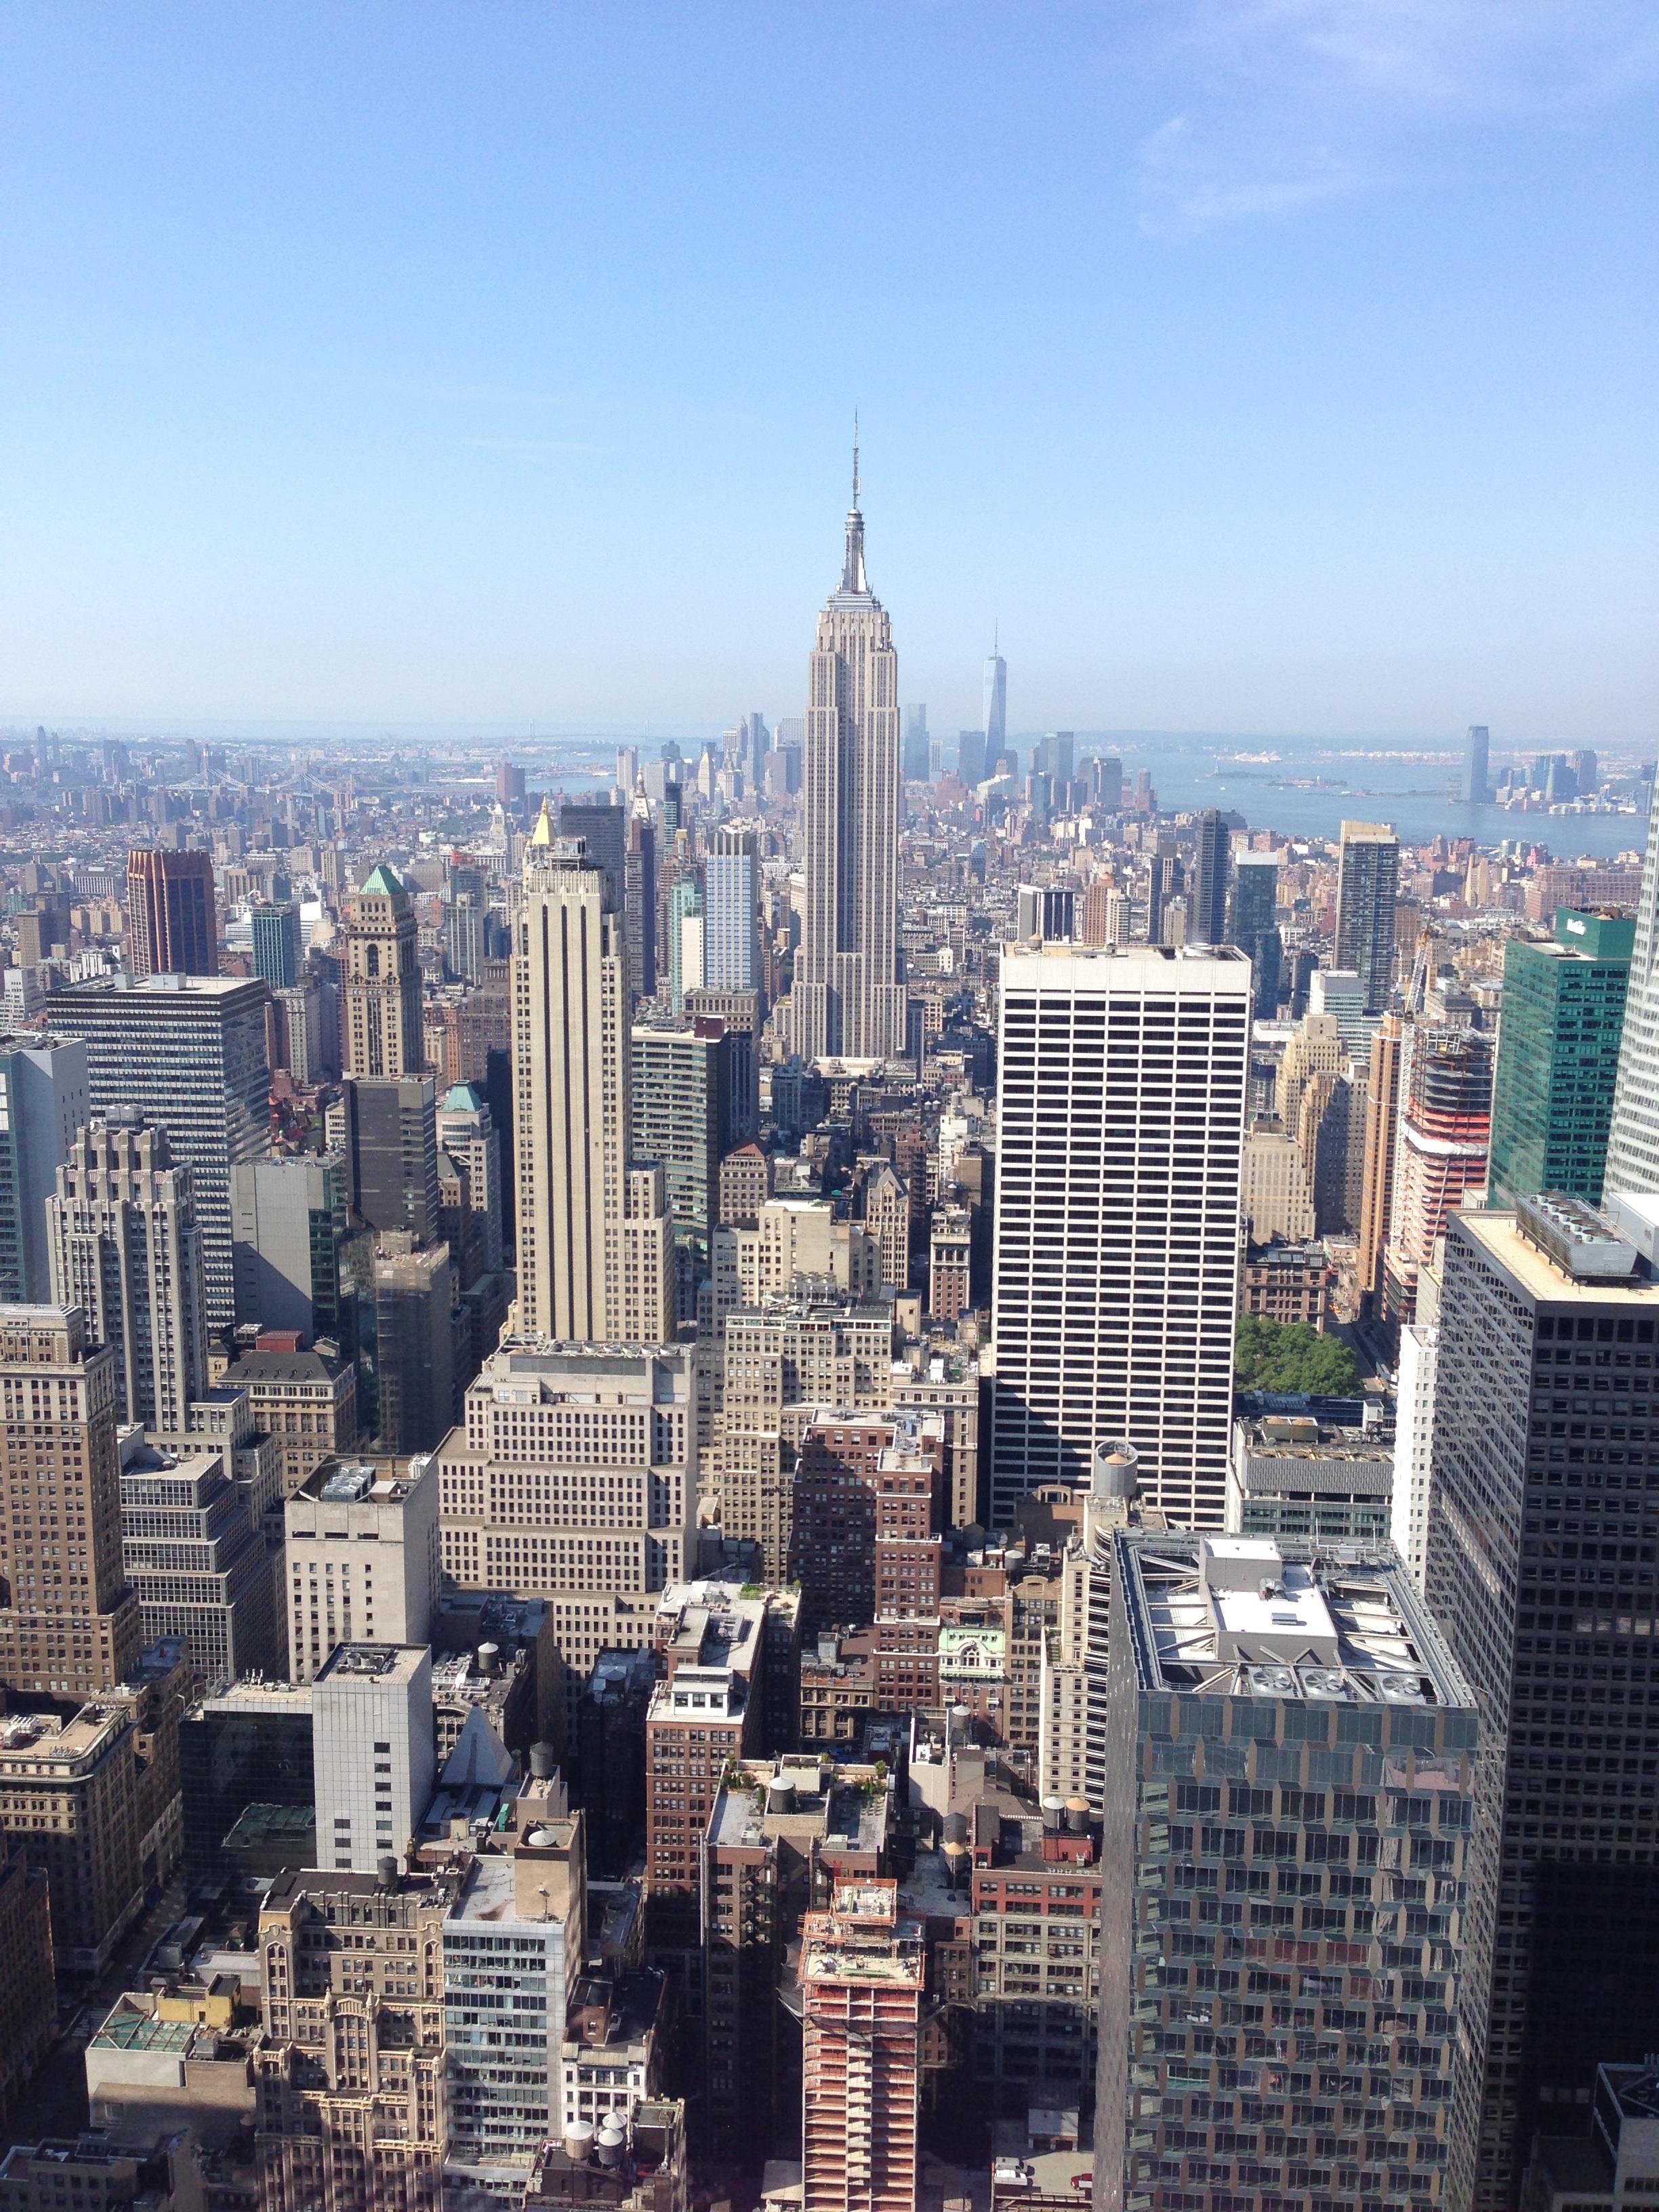 nueva york paisaje urbano centro de la ciudad torre punto de referencia bloque de pisos nuevo metrpoli barrio fotografa area rea urbana